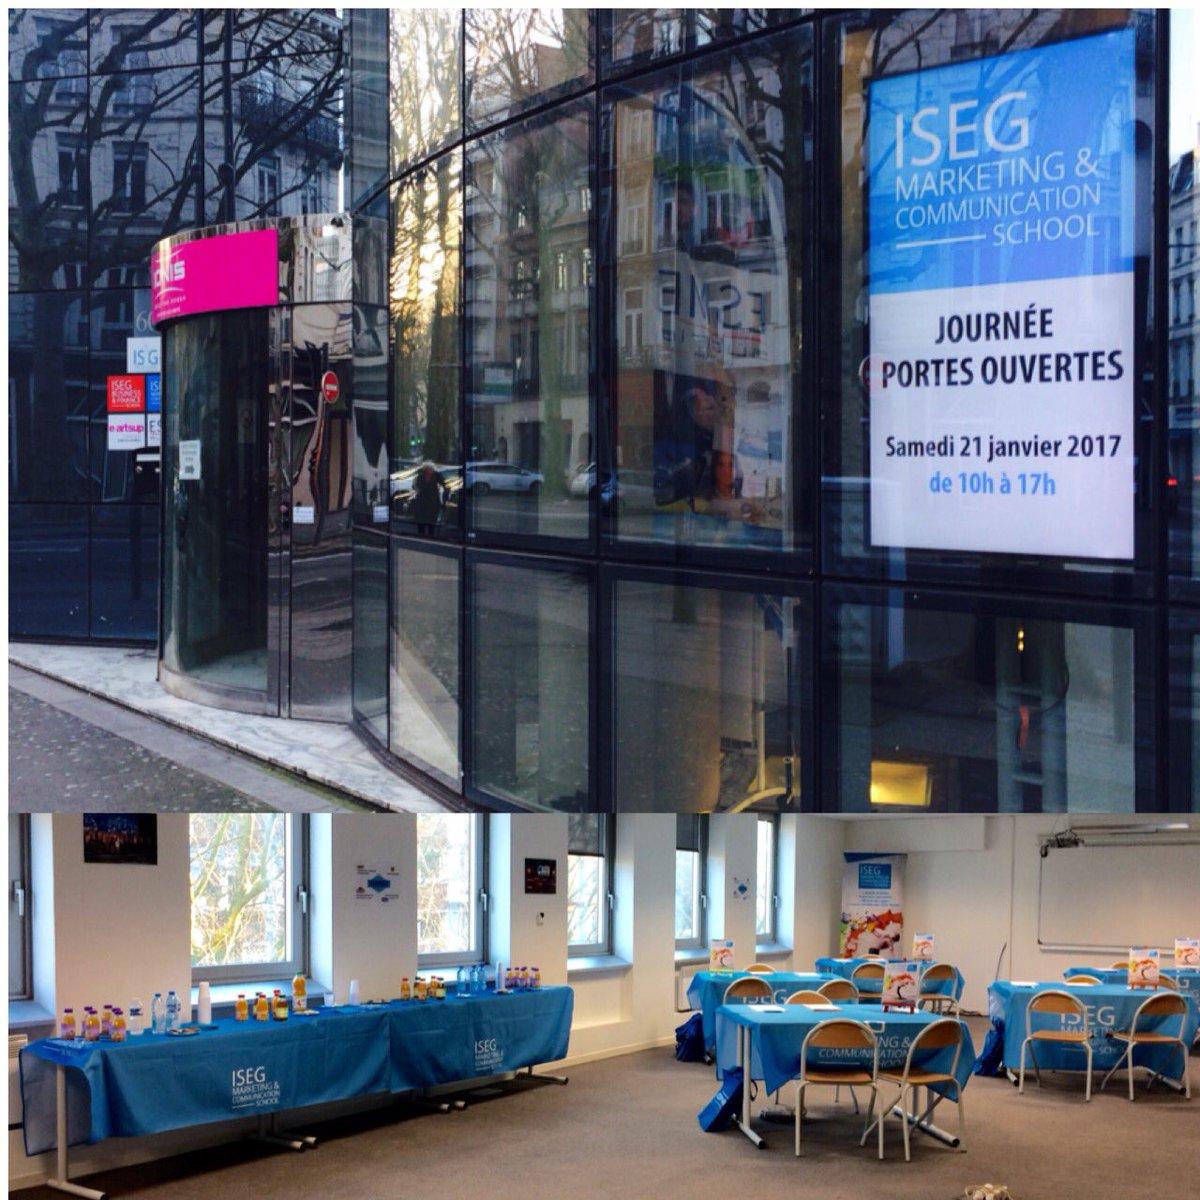 Aujourd&#39;hui, l&#39;ISEG Lille vous ouvre ses portes au 60 boulevard de la Liberté, bienvenue ! #jpo #communication #marketing #school #digital<br>http://pic.twitter.com/qE1ldc9z0O